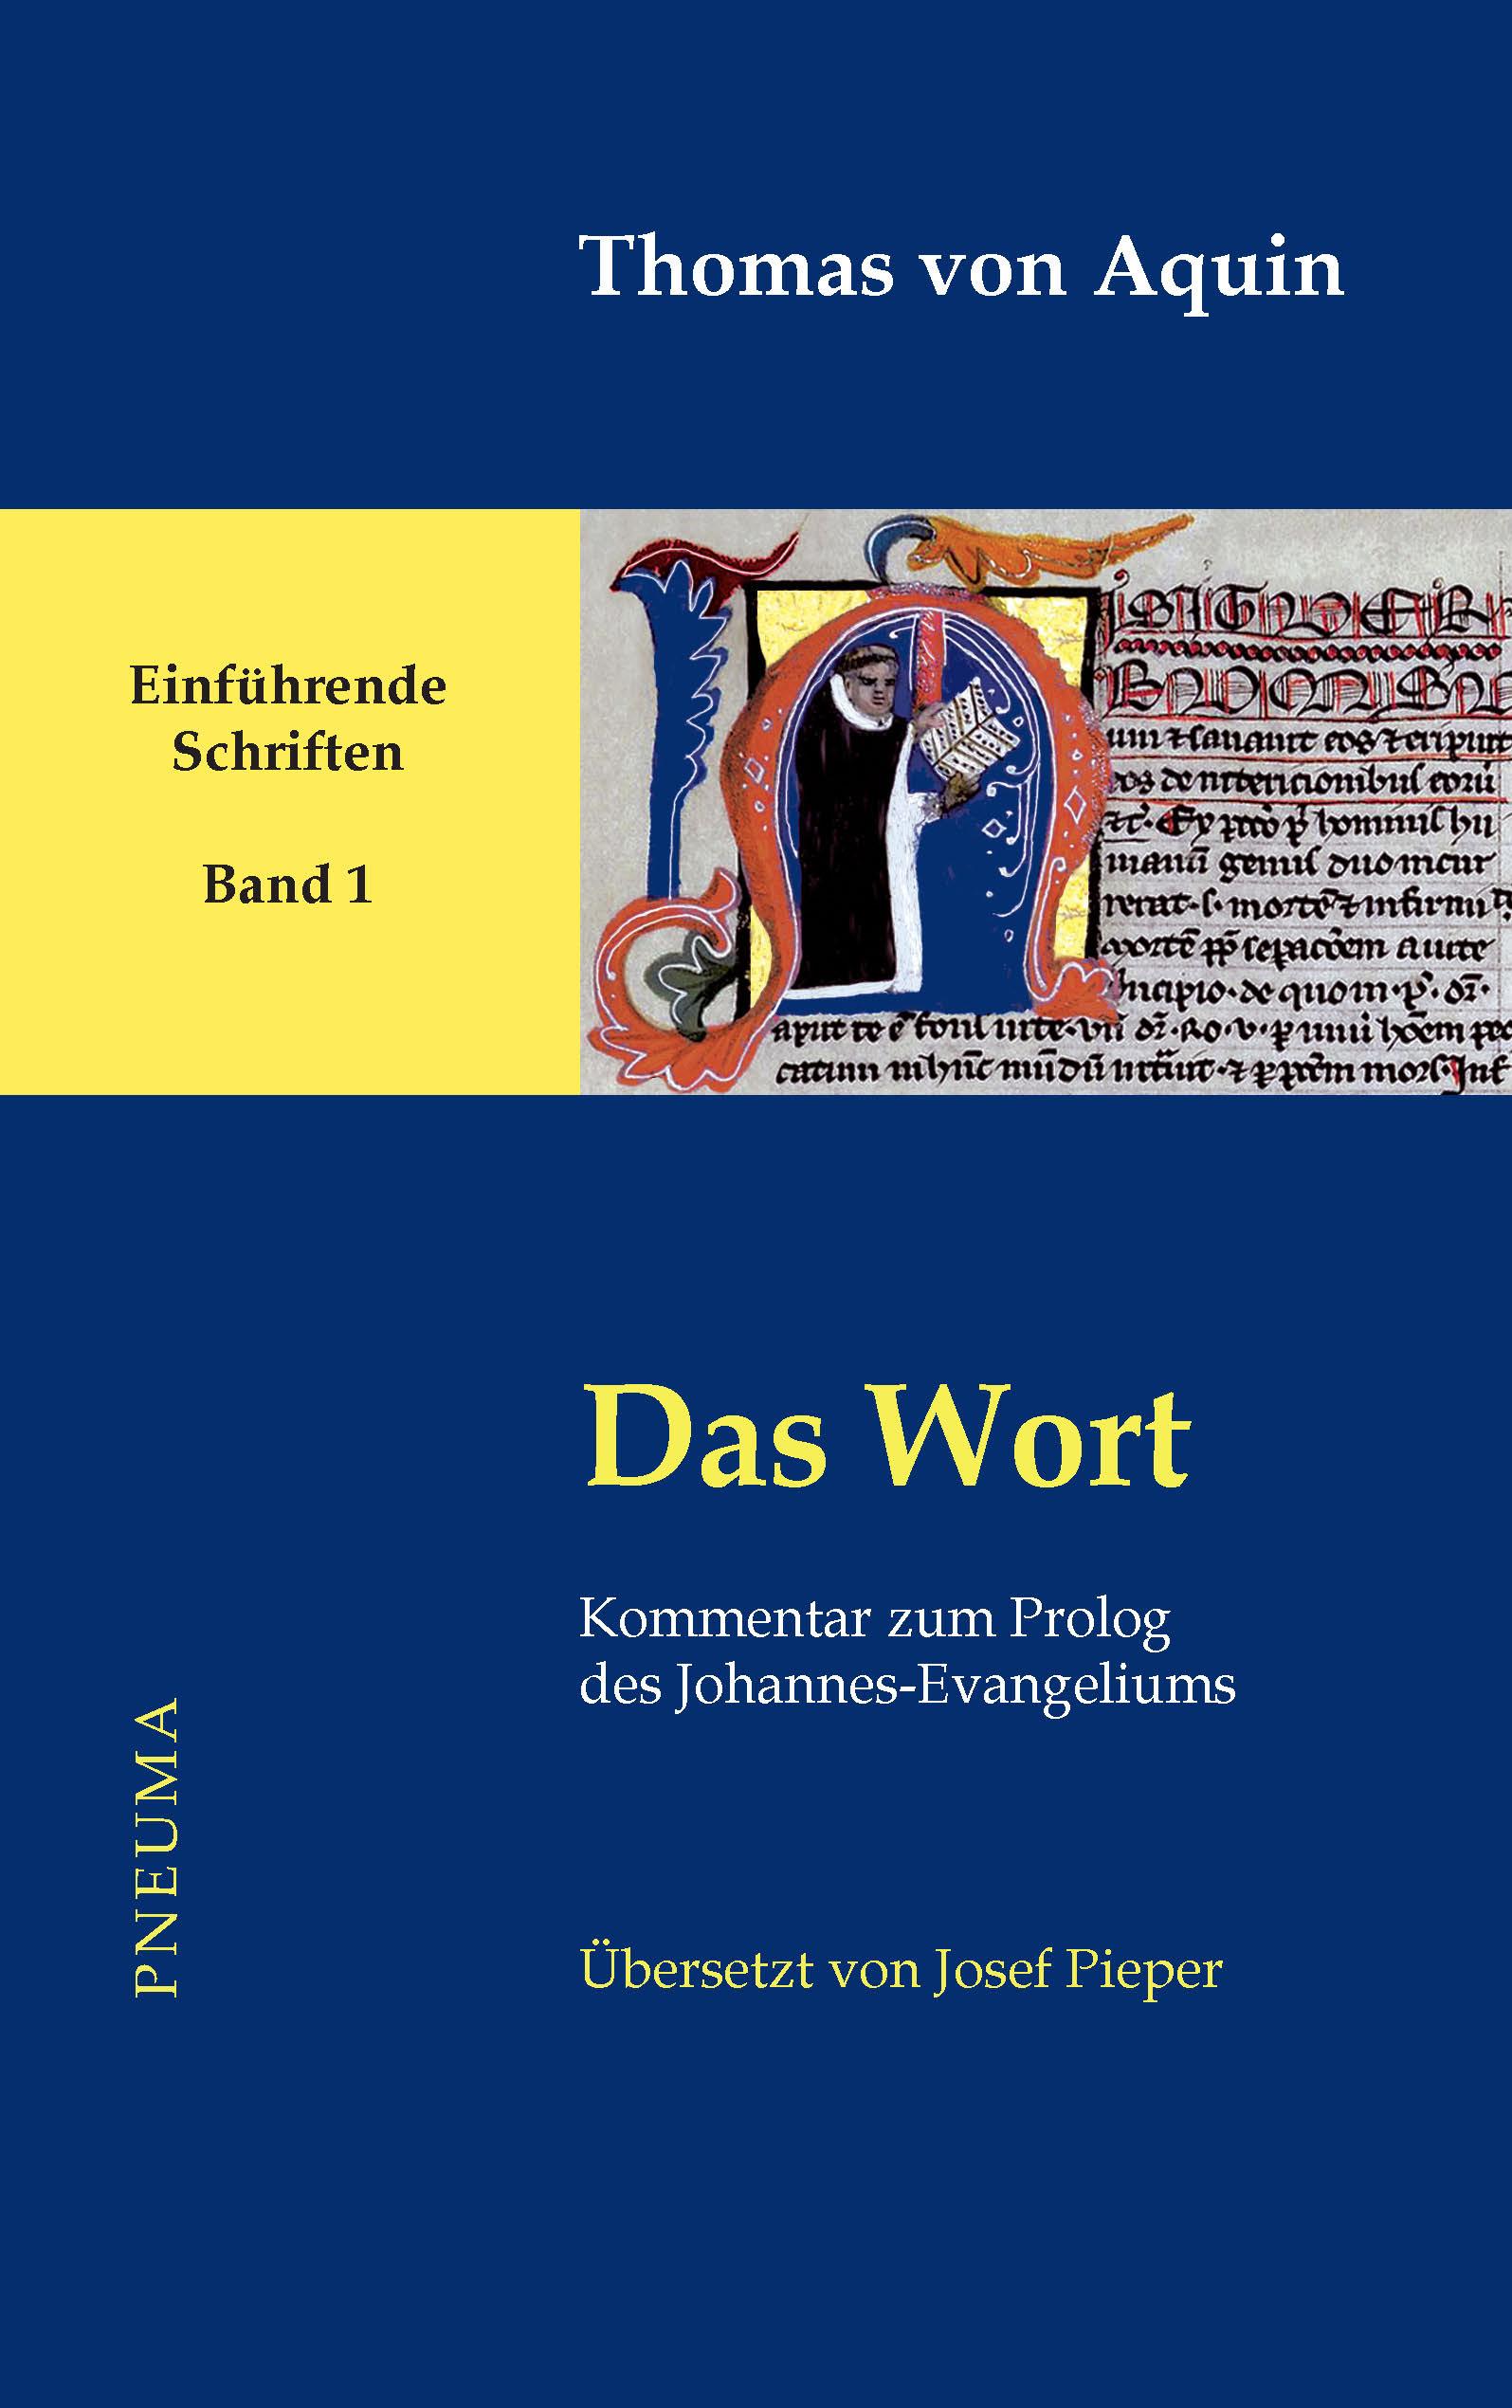 Thomas von Aquin: Das Wort